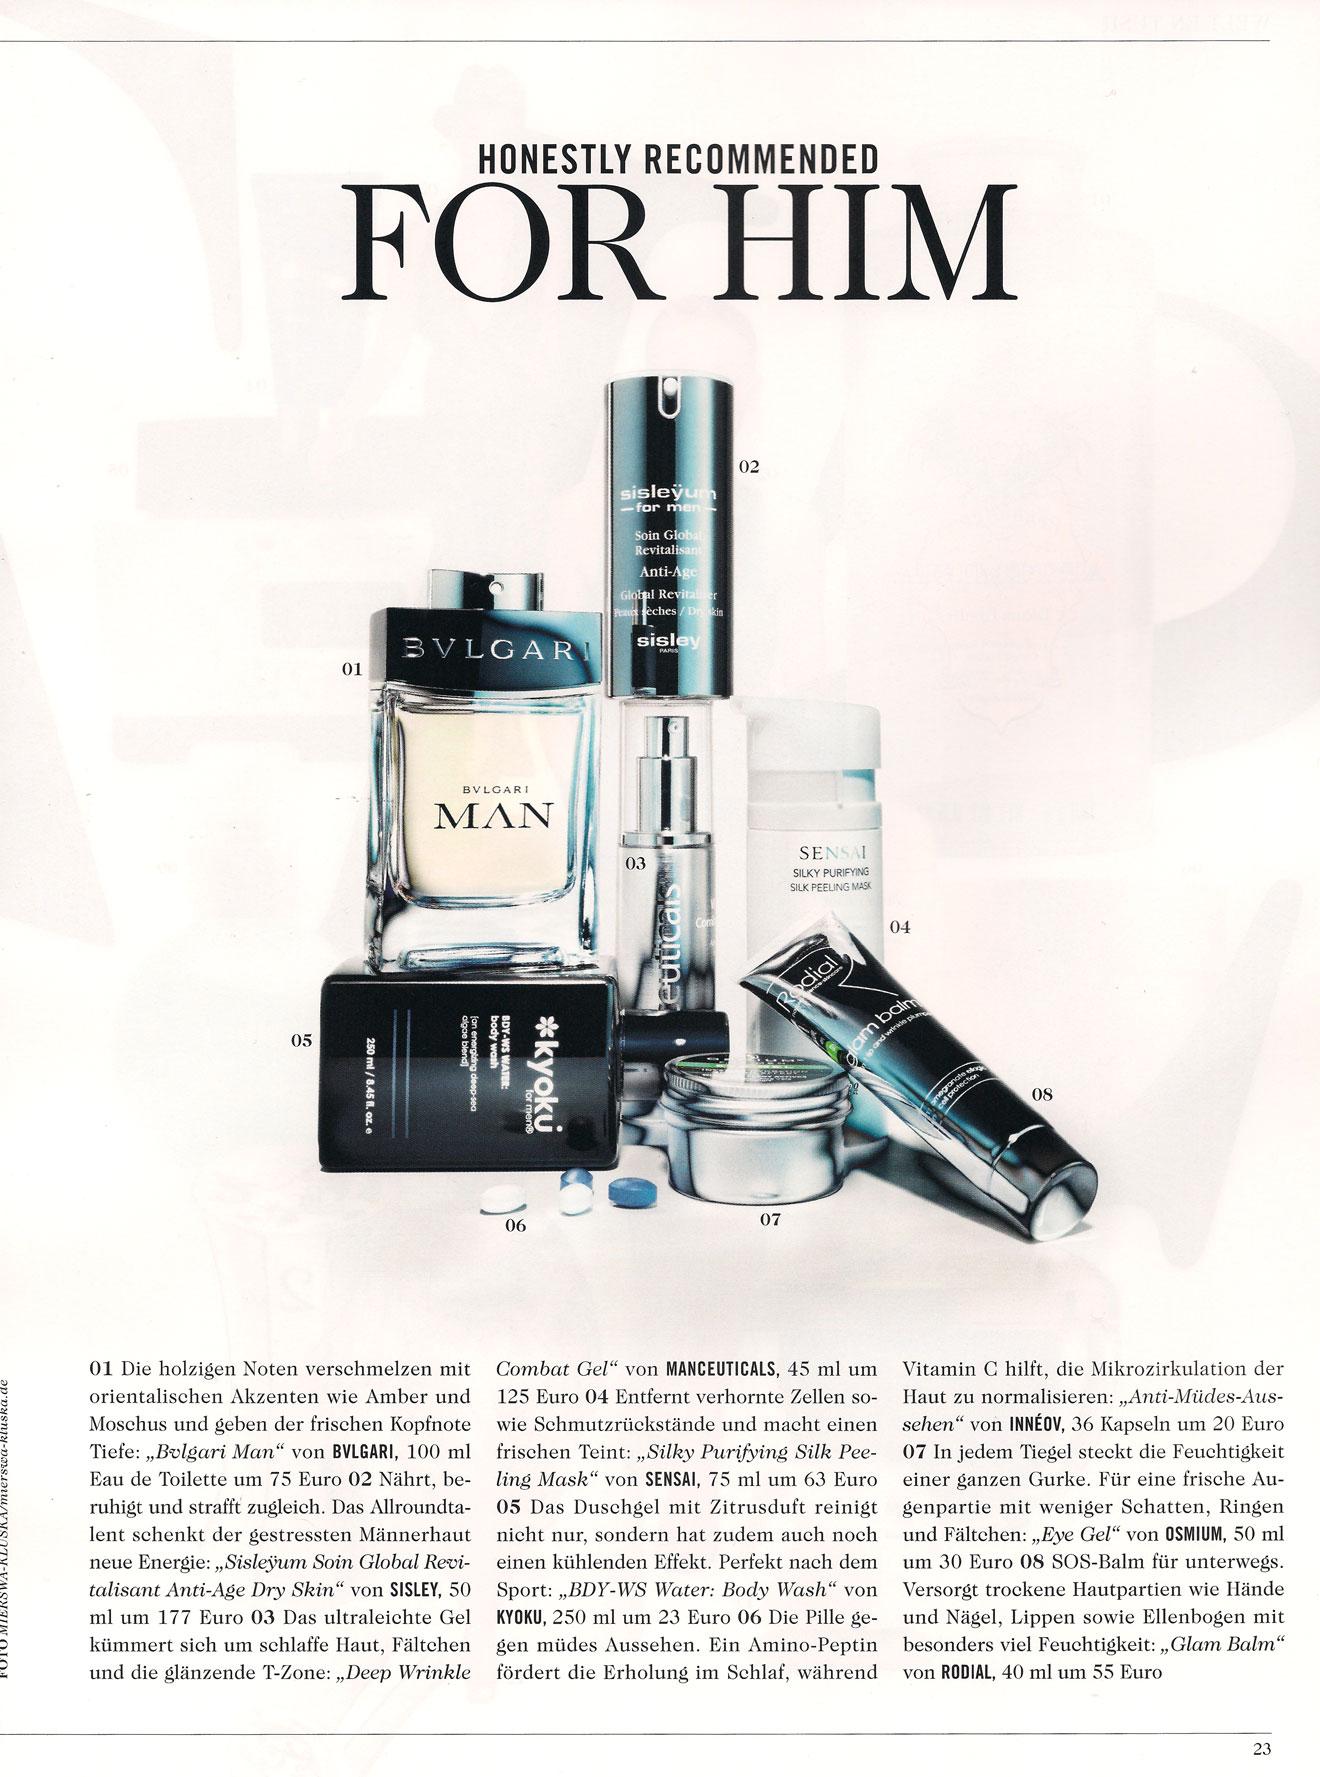 Kyoku for Men, Manceuticals und Osmium for Men in Tush